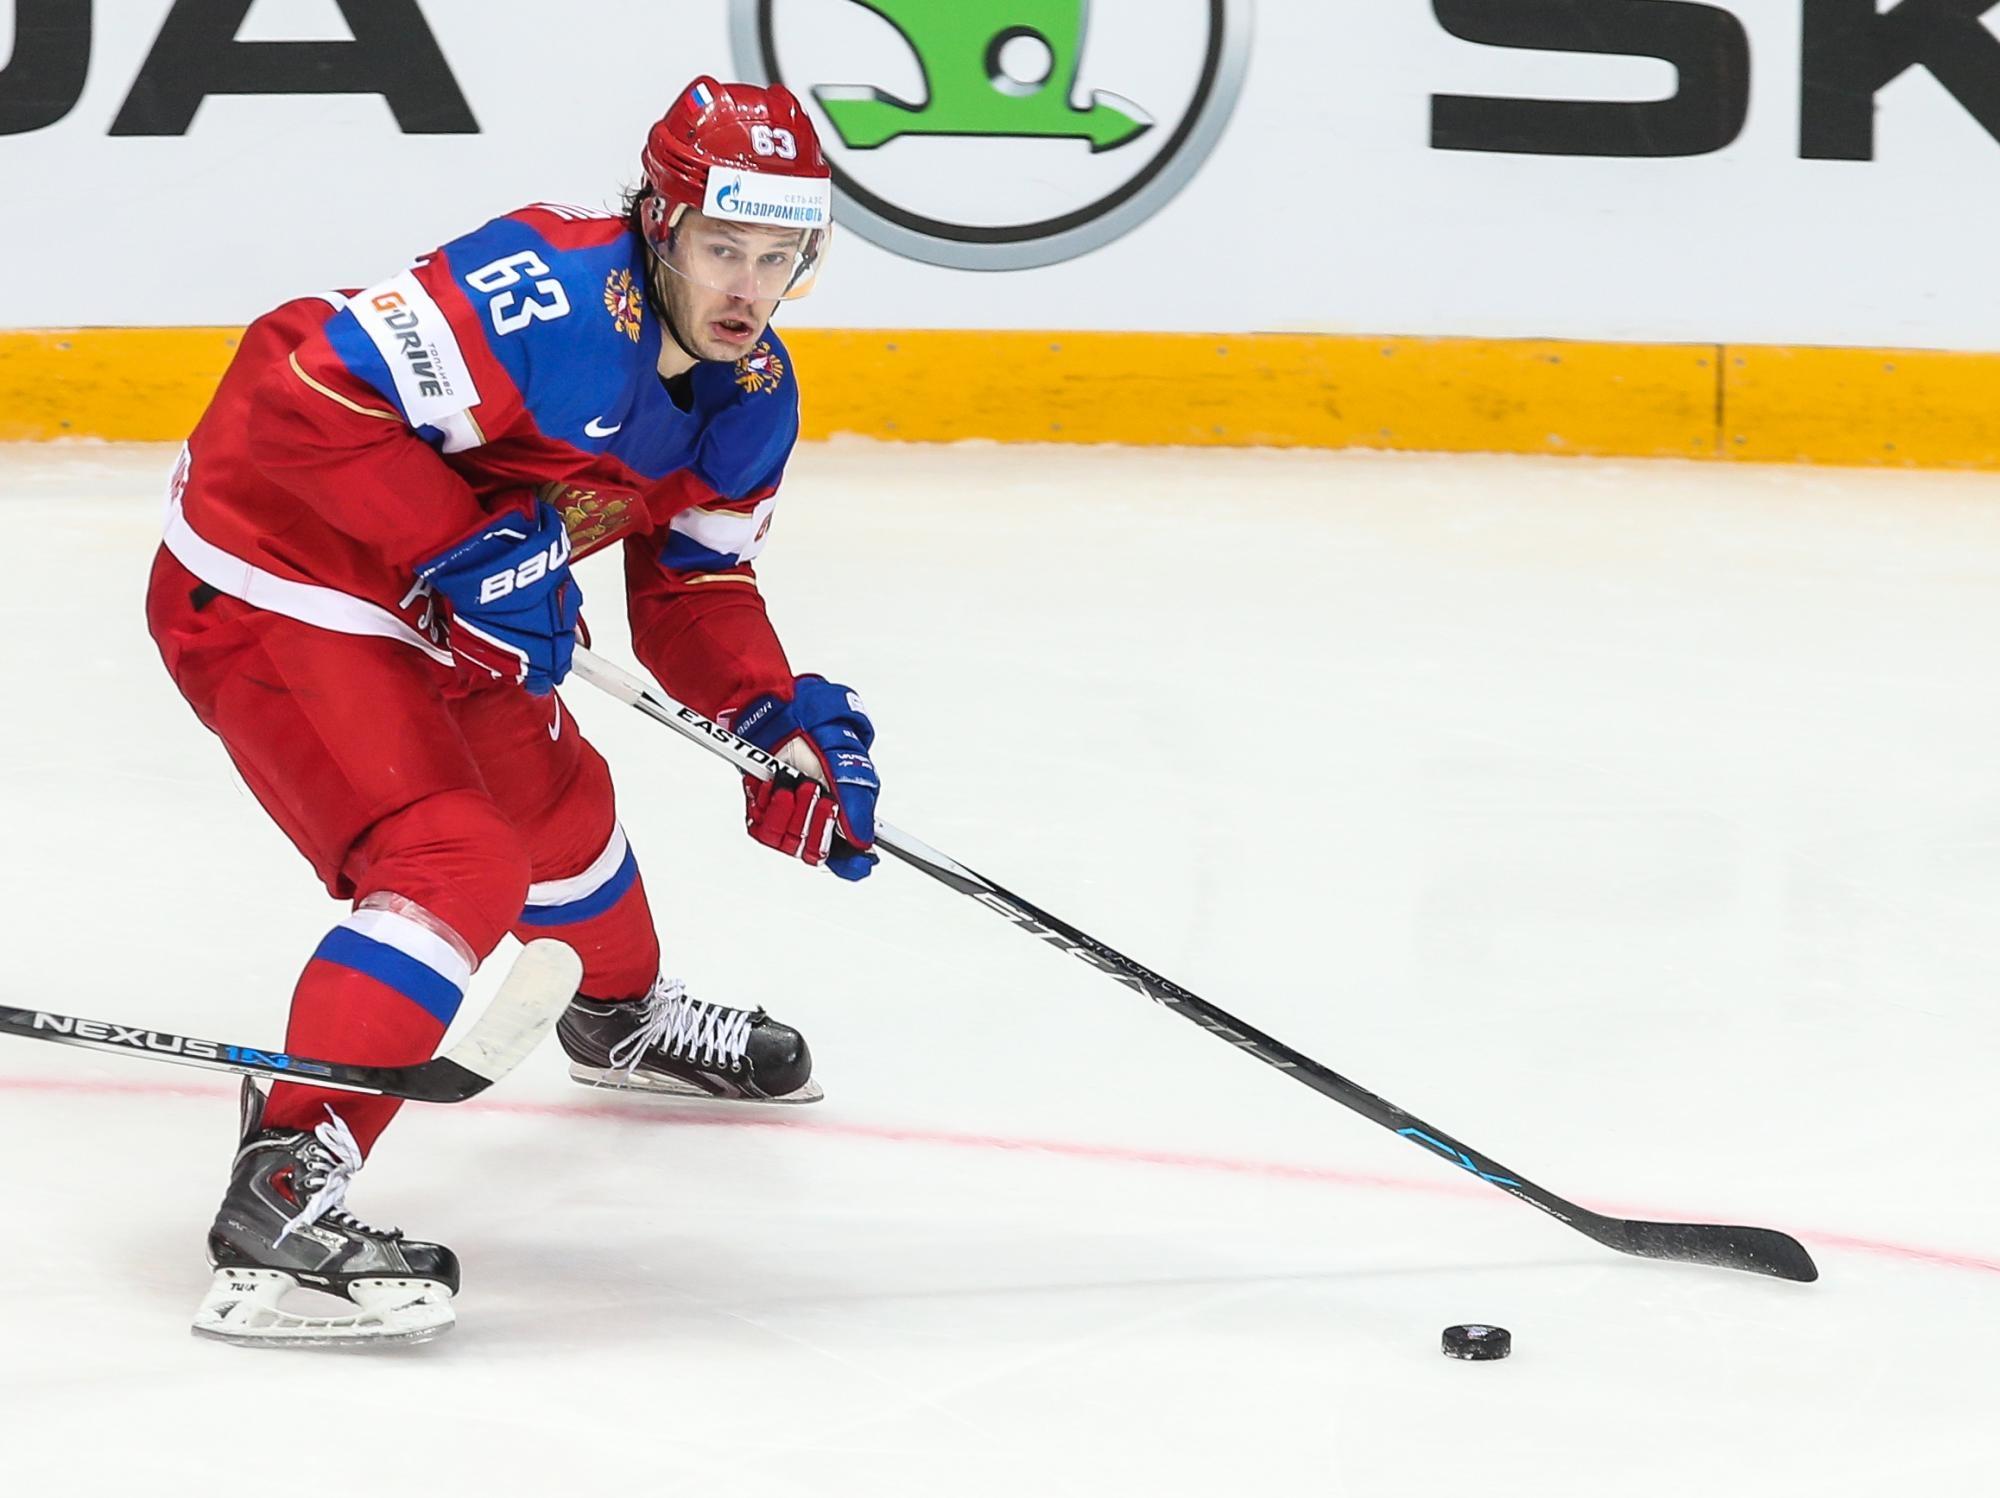 Дадонов оКанаде: «Если хотим что-то выиграть, нужно побеждать любого соперника»